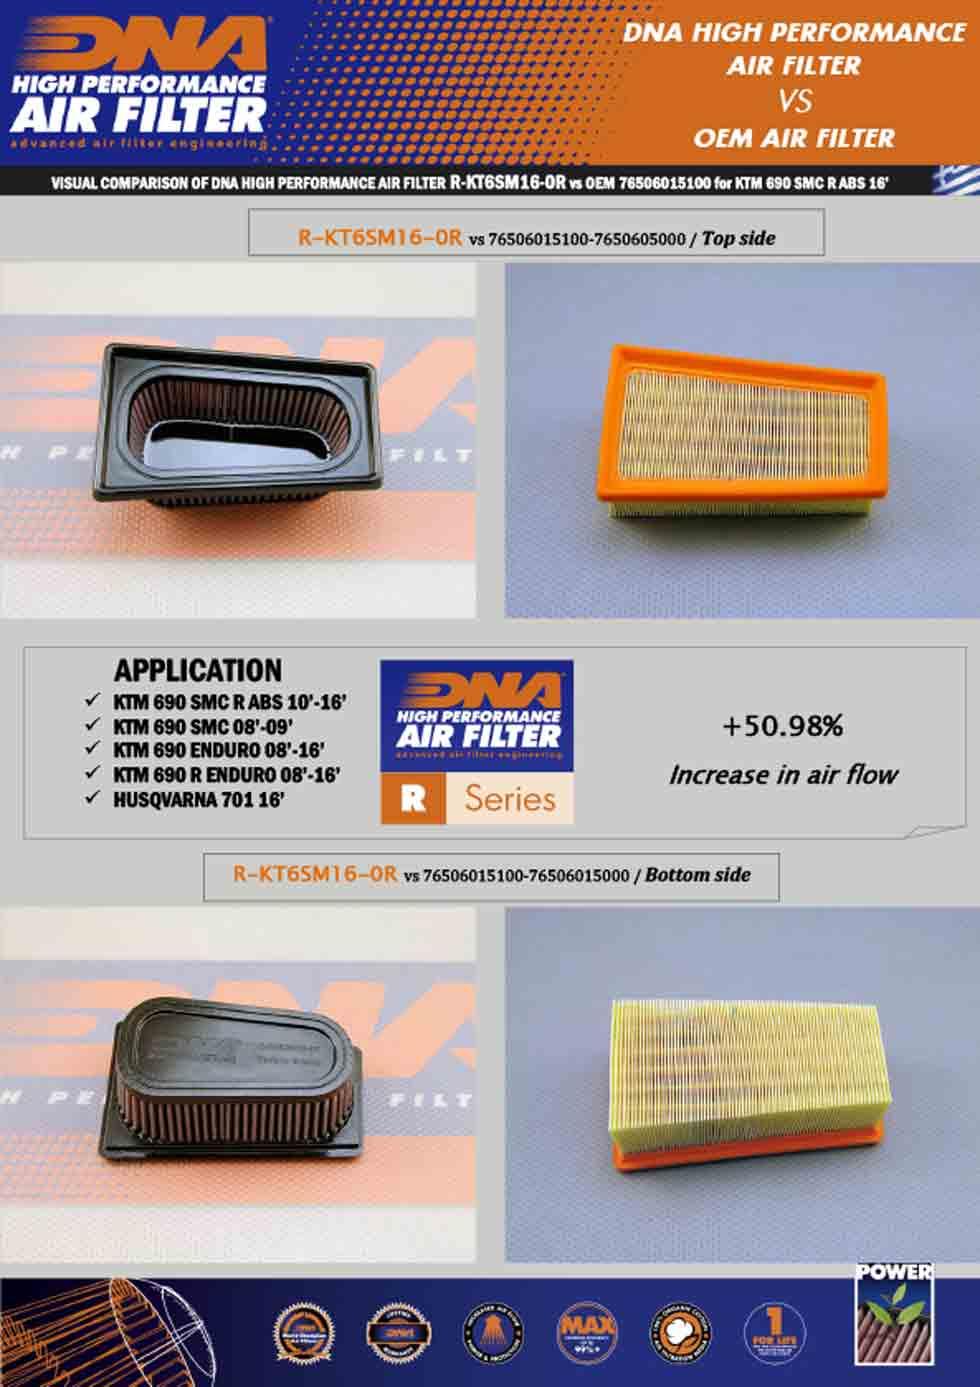 dna air filter for ktm 690